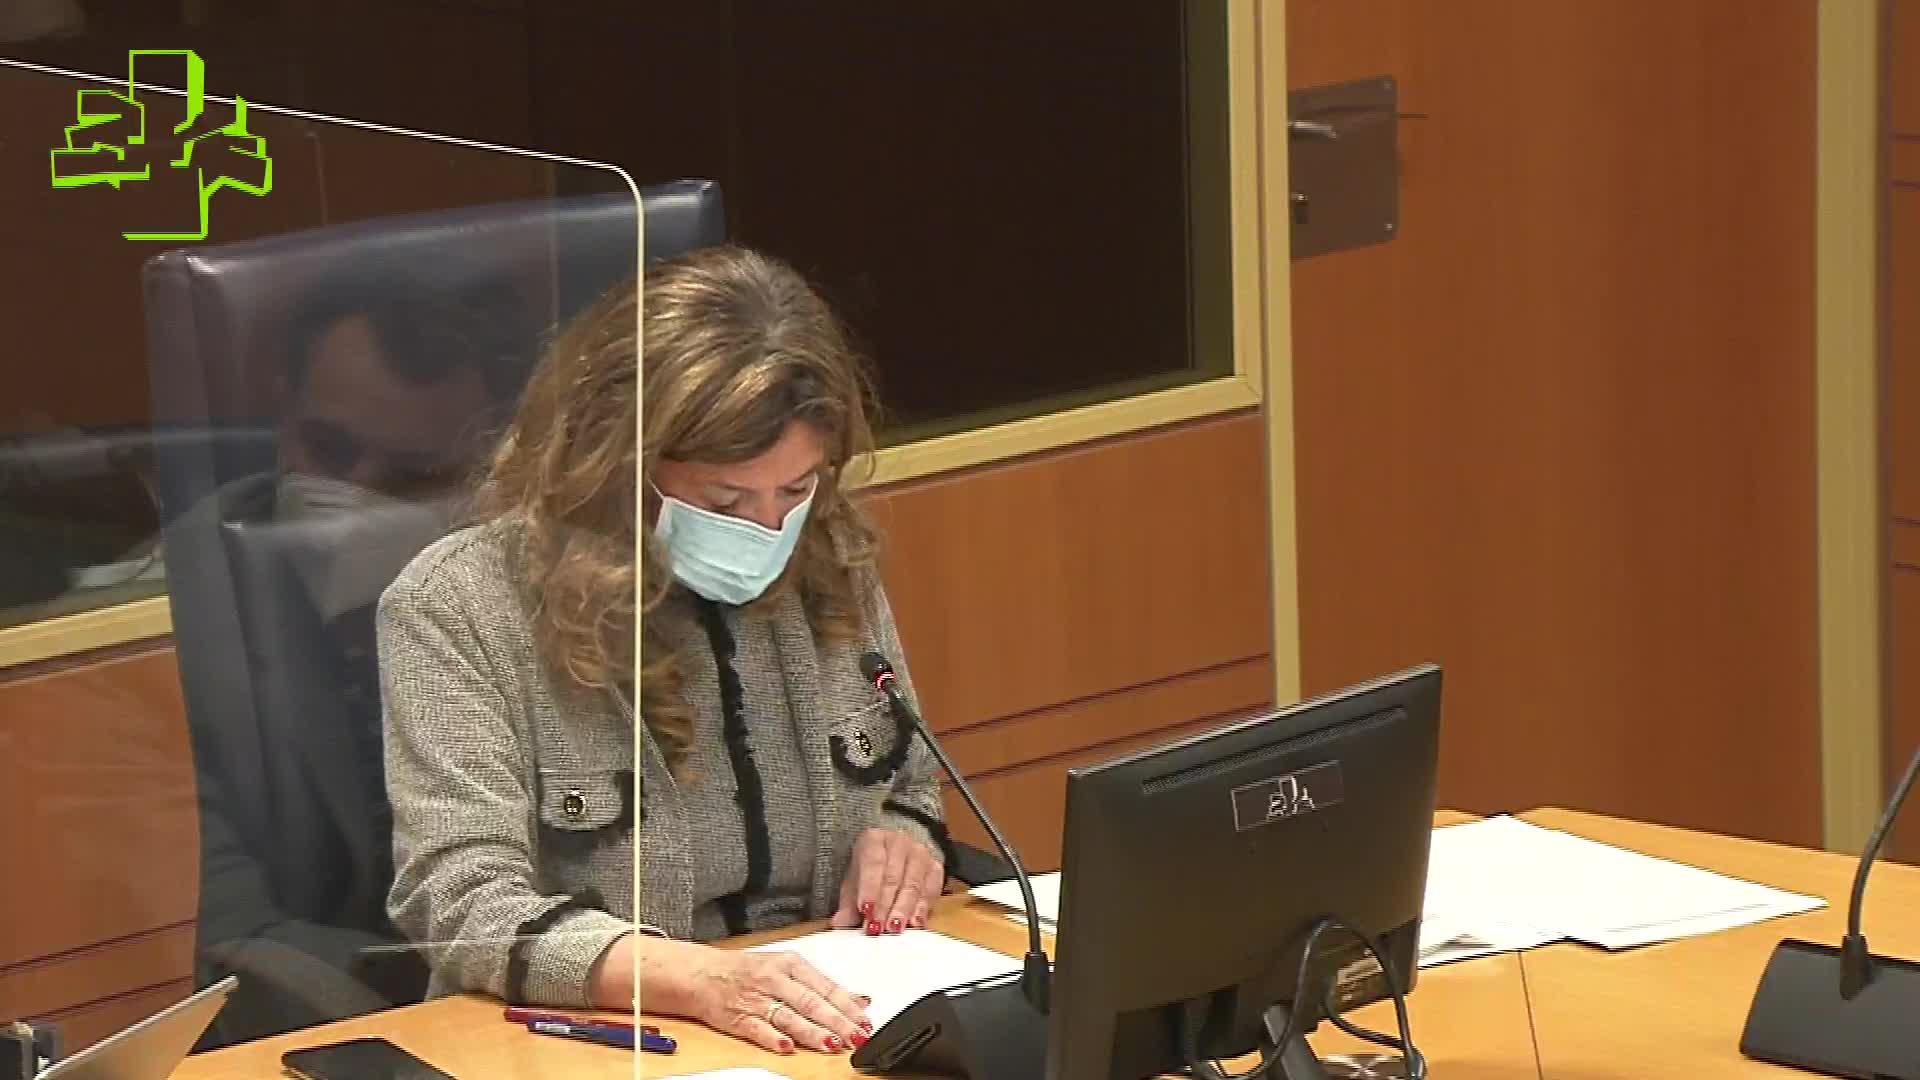 Comisión de Salud: la Consejera informa sobre la evolución de la pandemia [119:12]